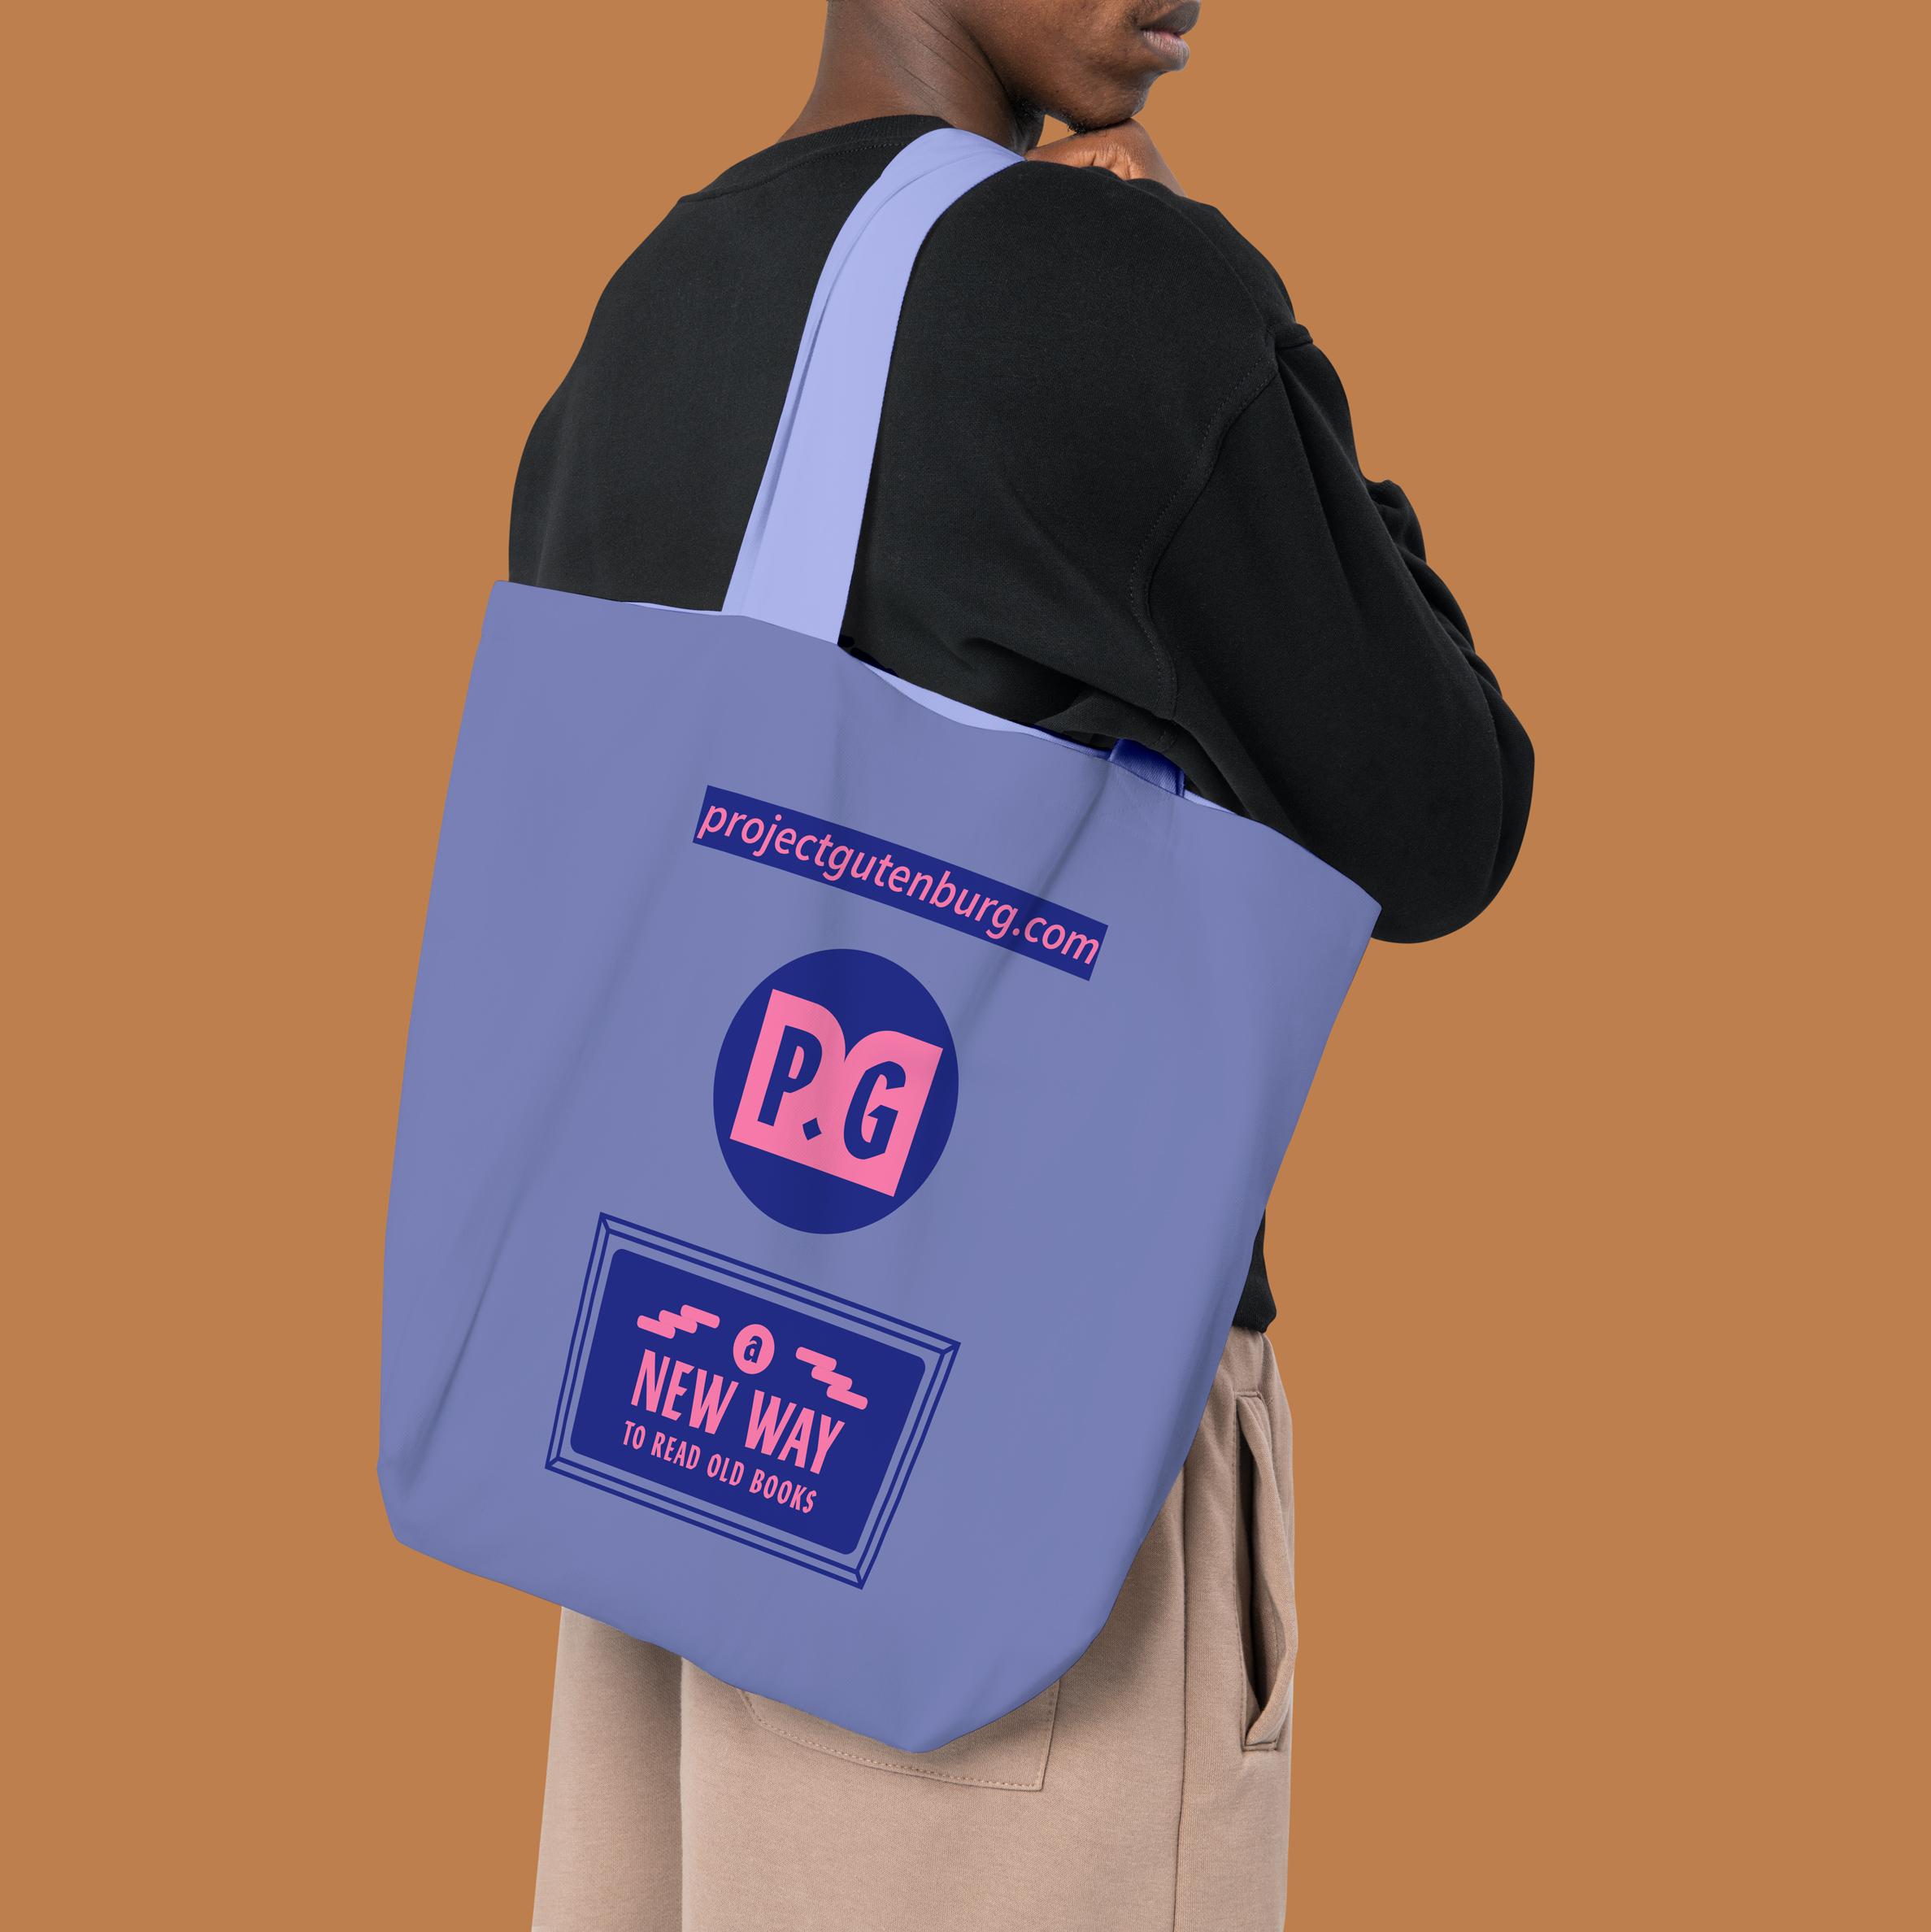 pg_bag